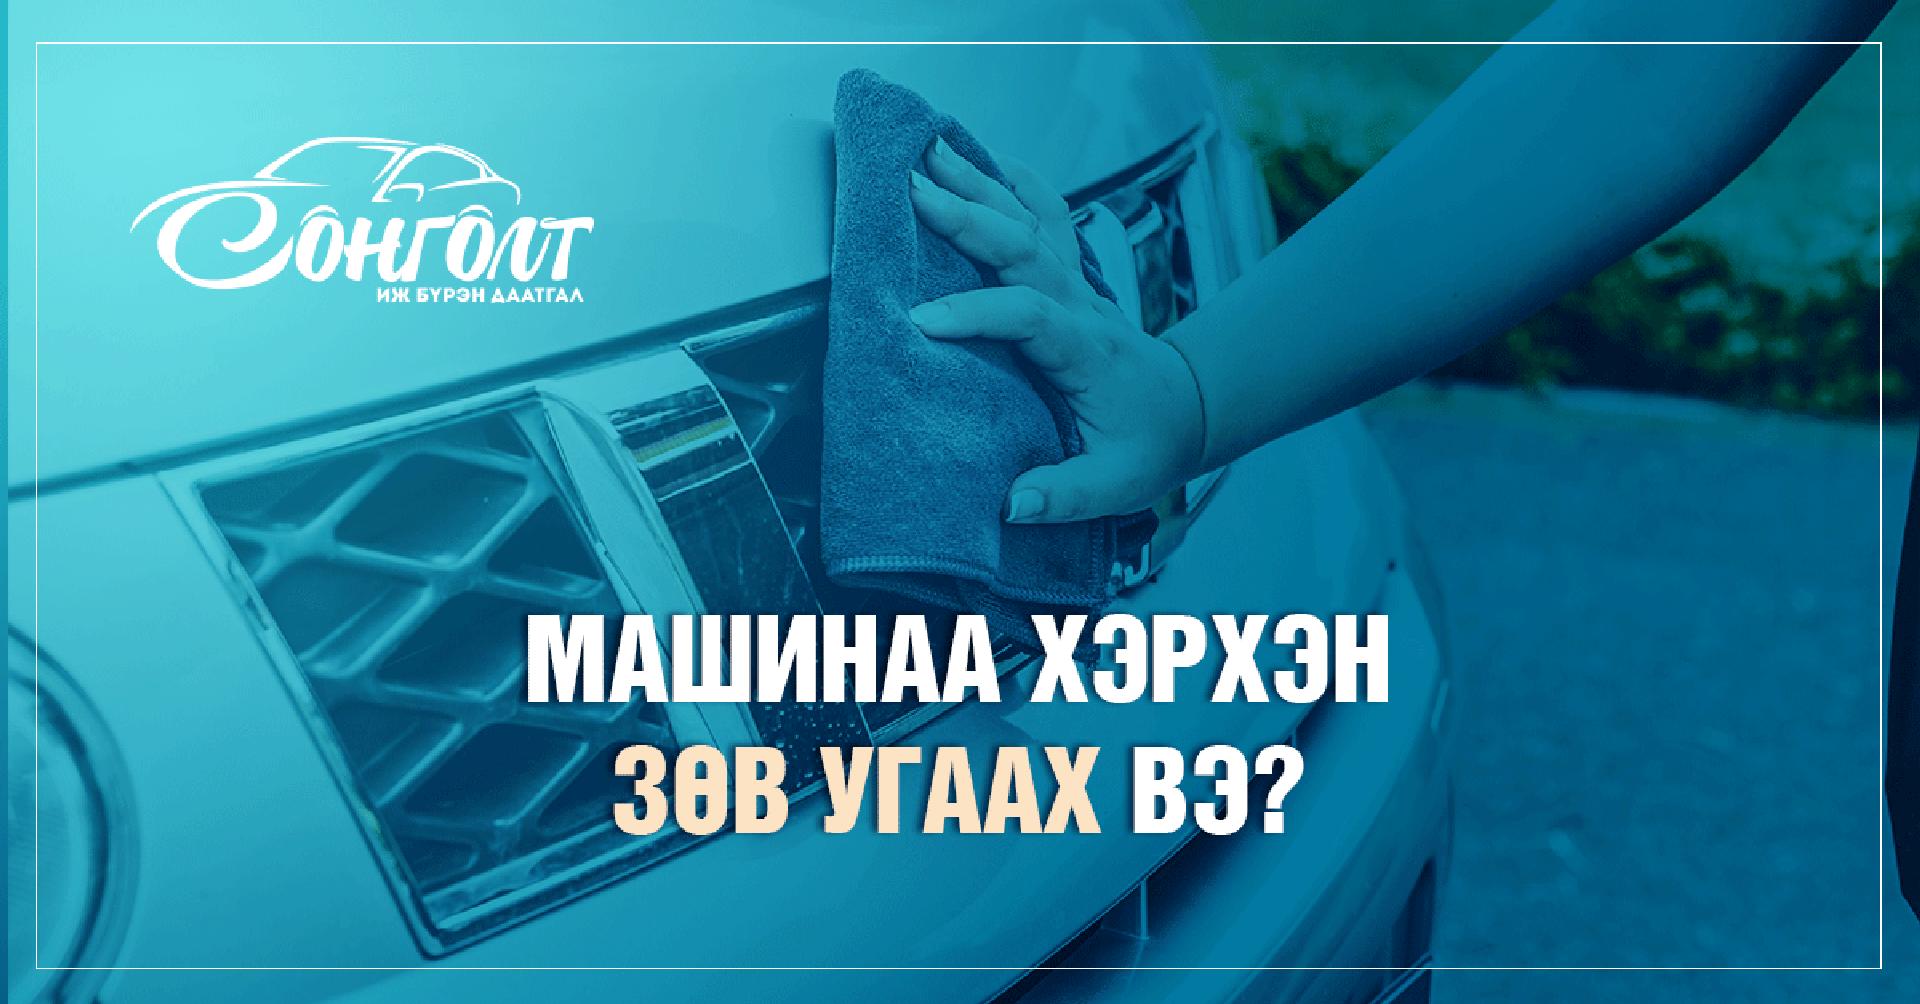 Машинаа хэрхэн зөв угаах вэ?